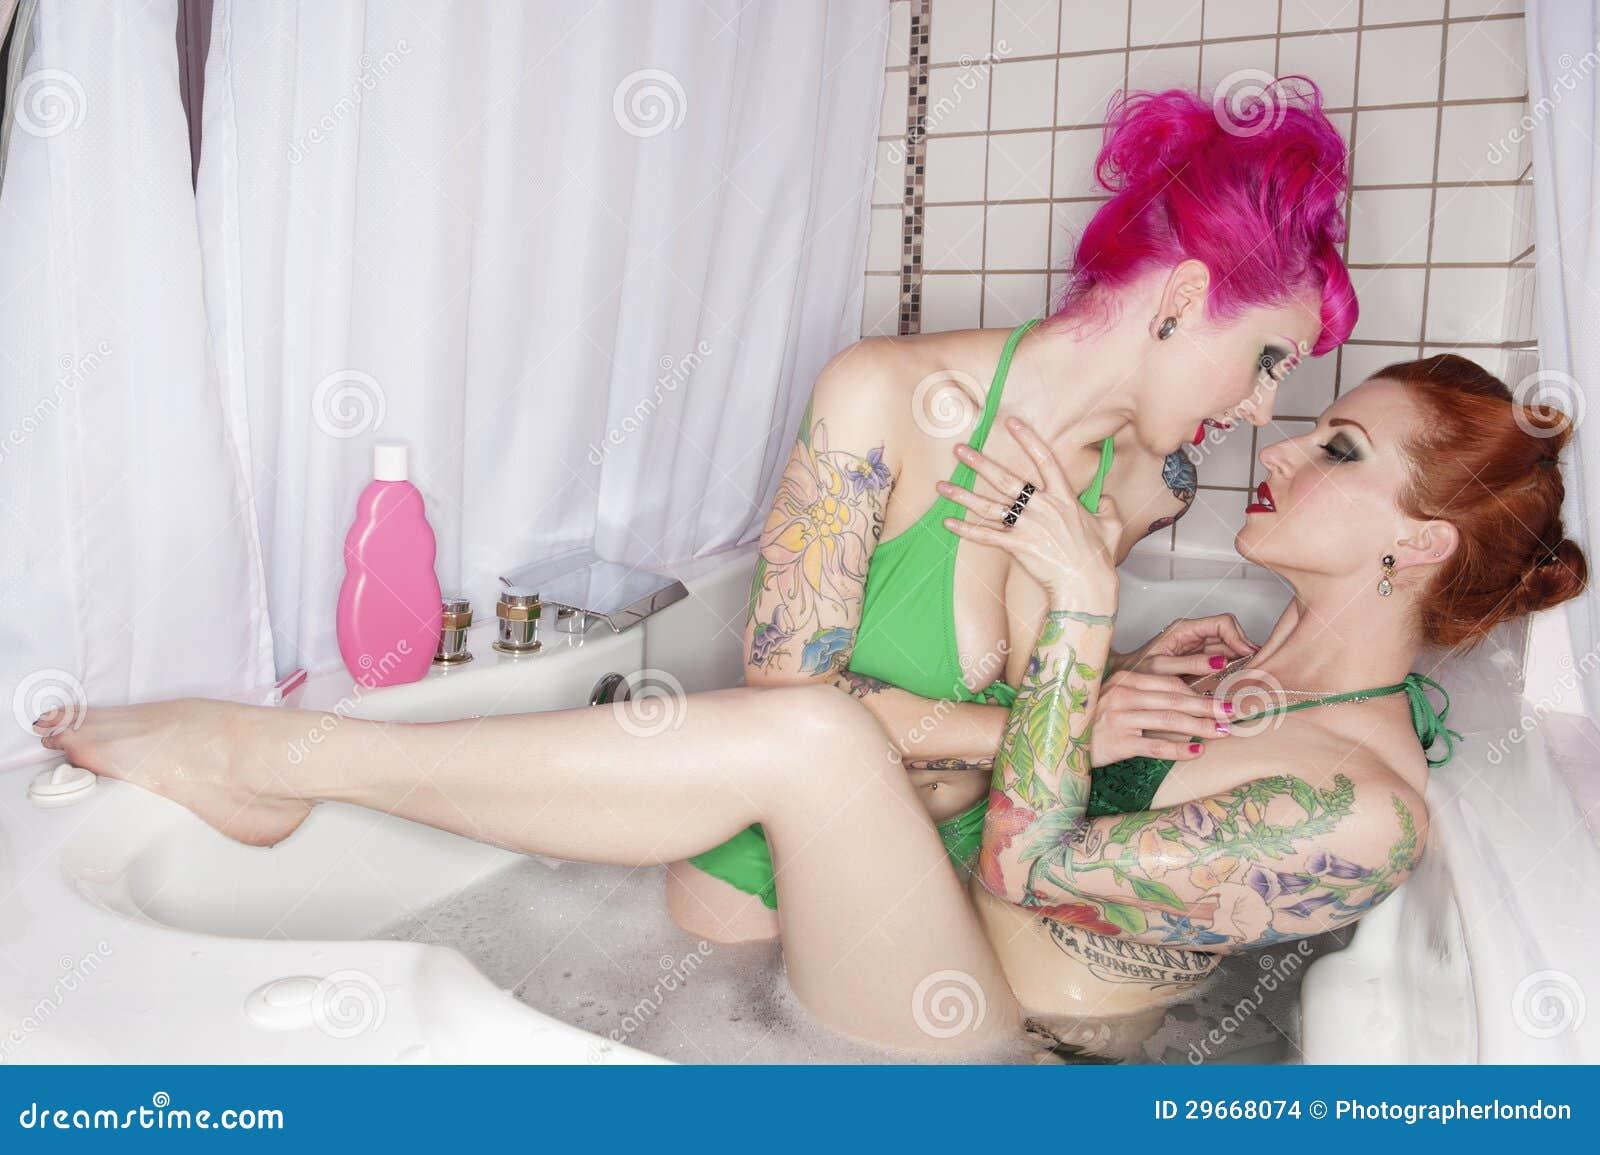 erotische masage vrouwen foto s